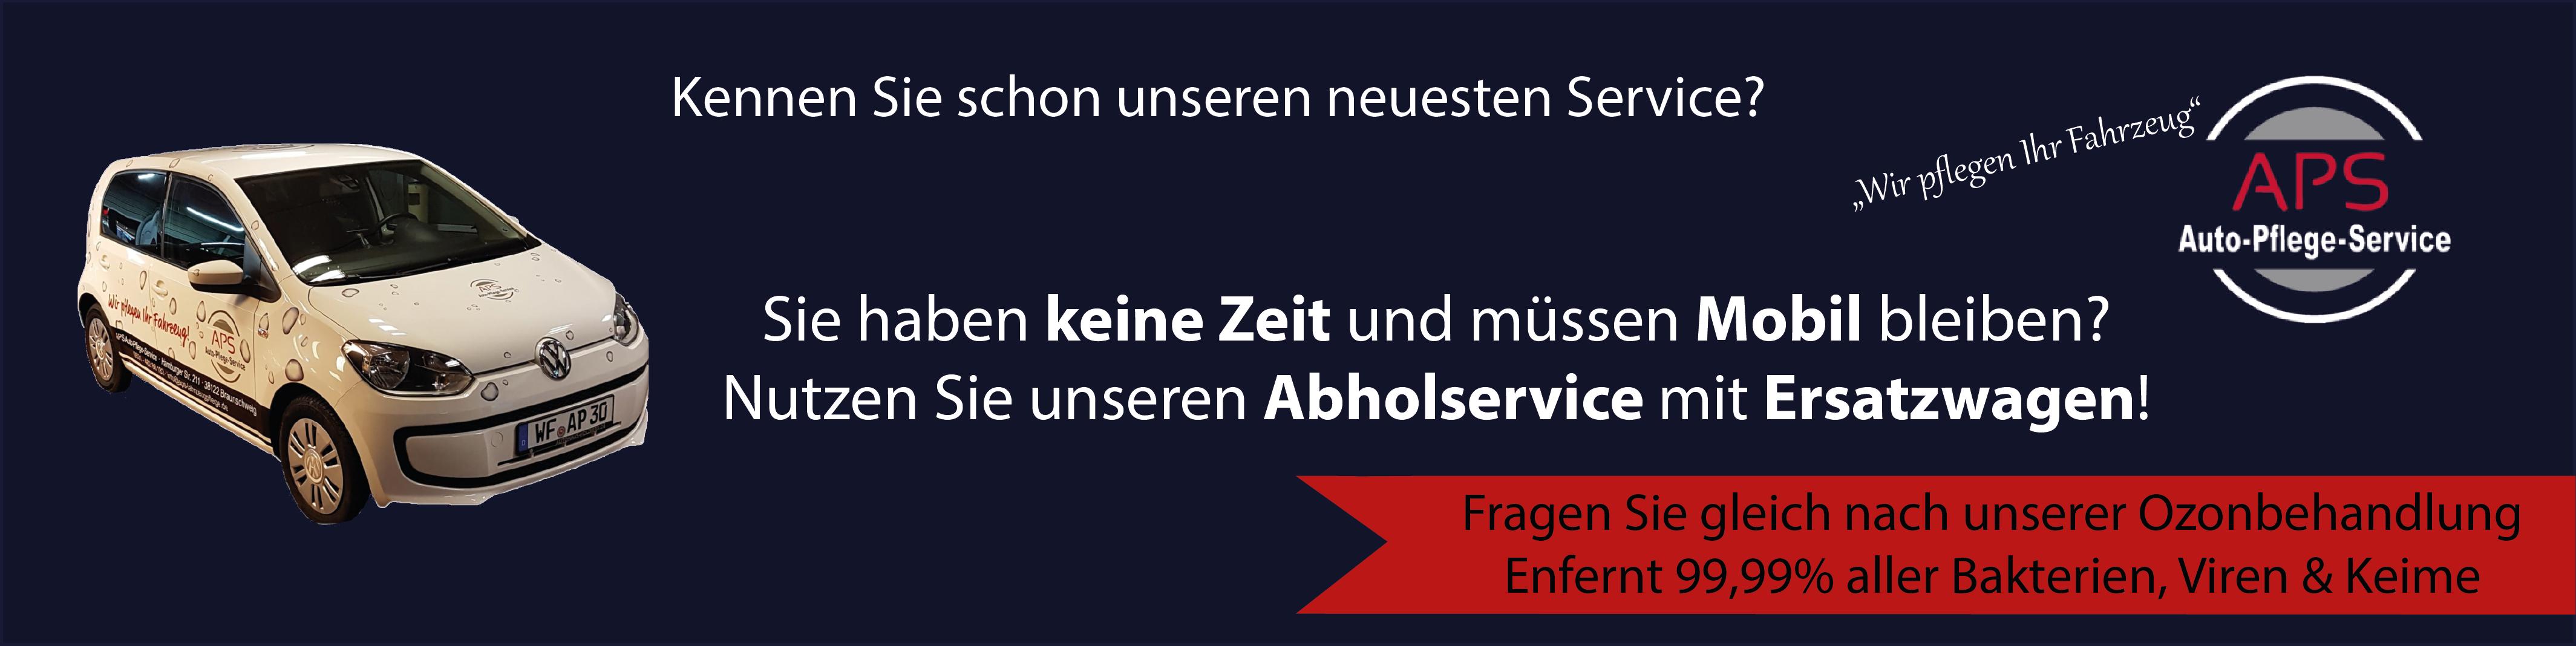 Abholservice Banner